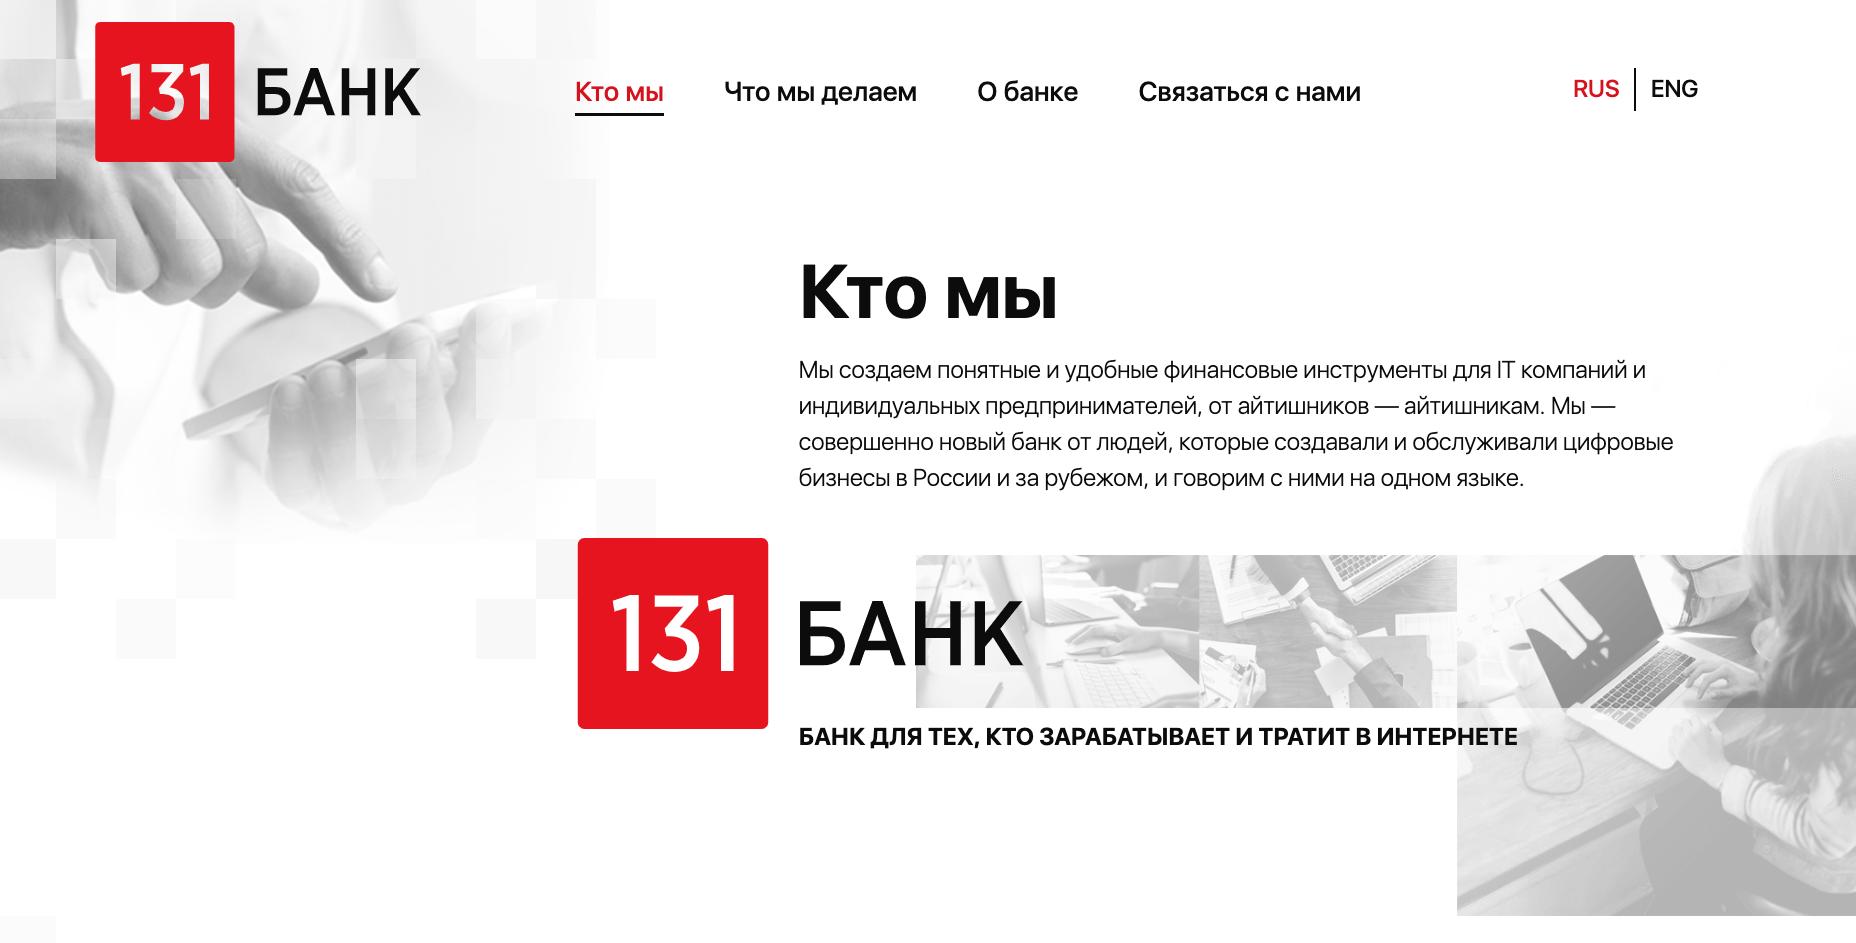 банк 131